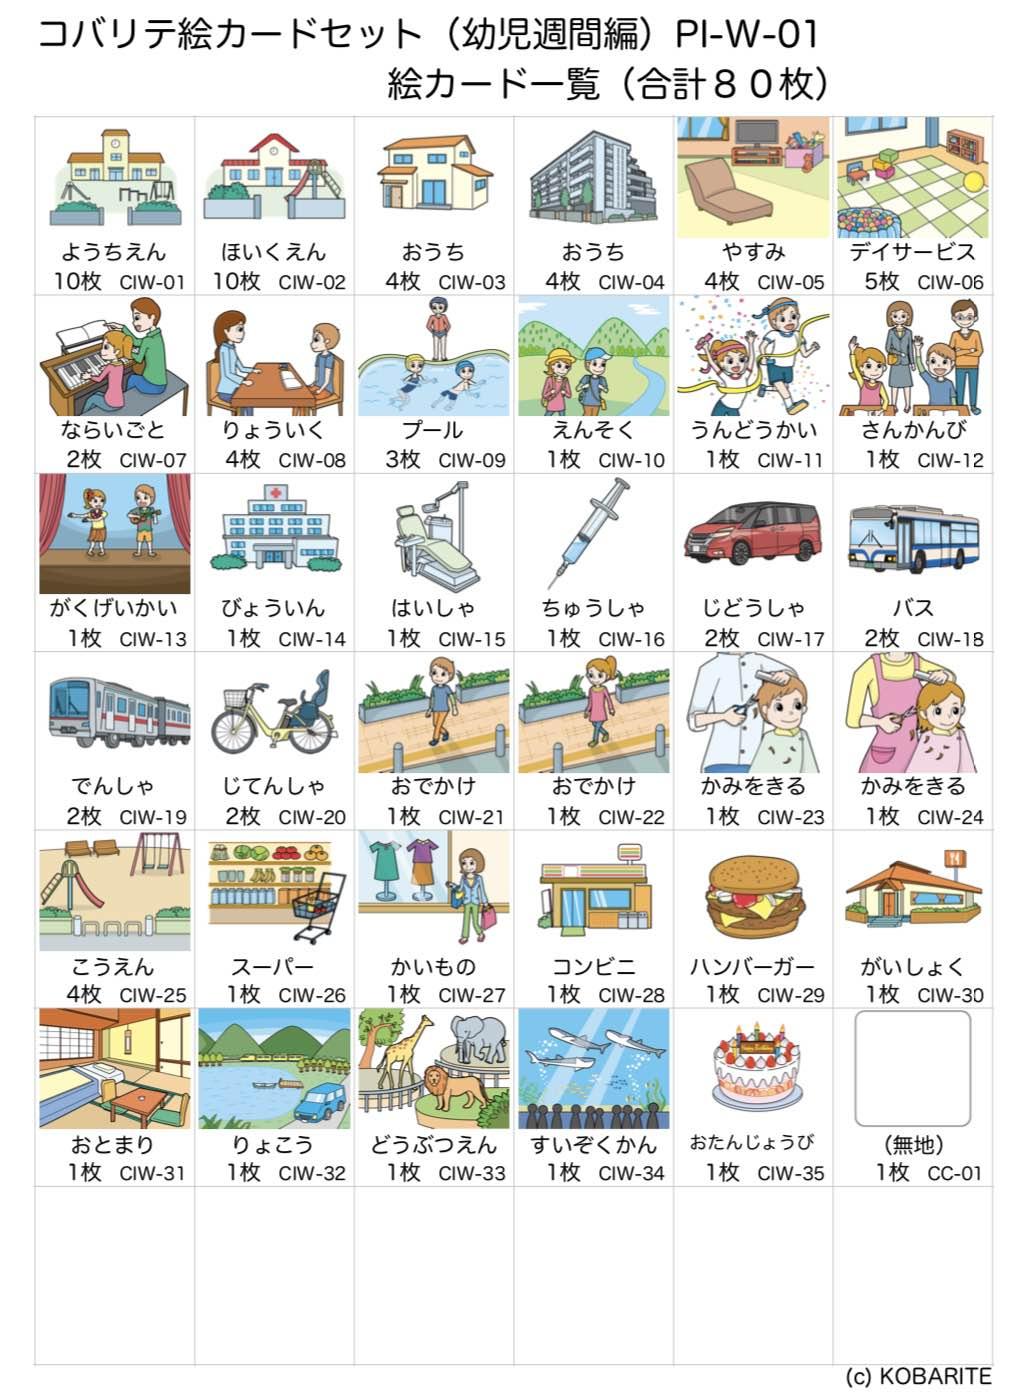 コバリテ絵カードセット(幼児週間編)一覧表